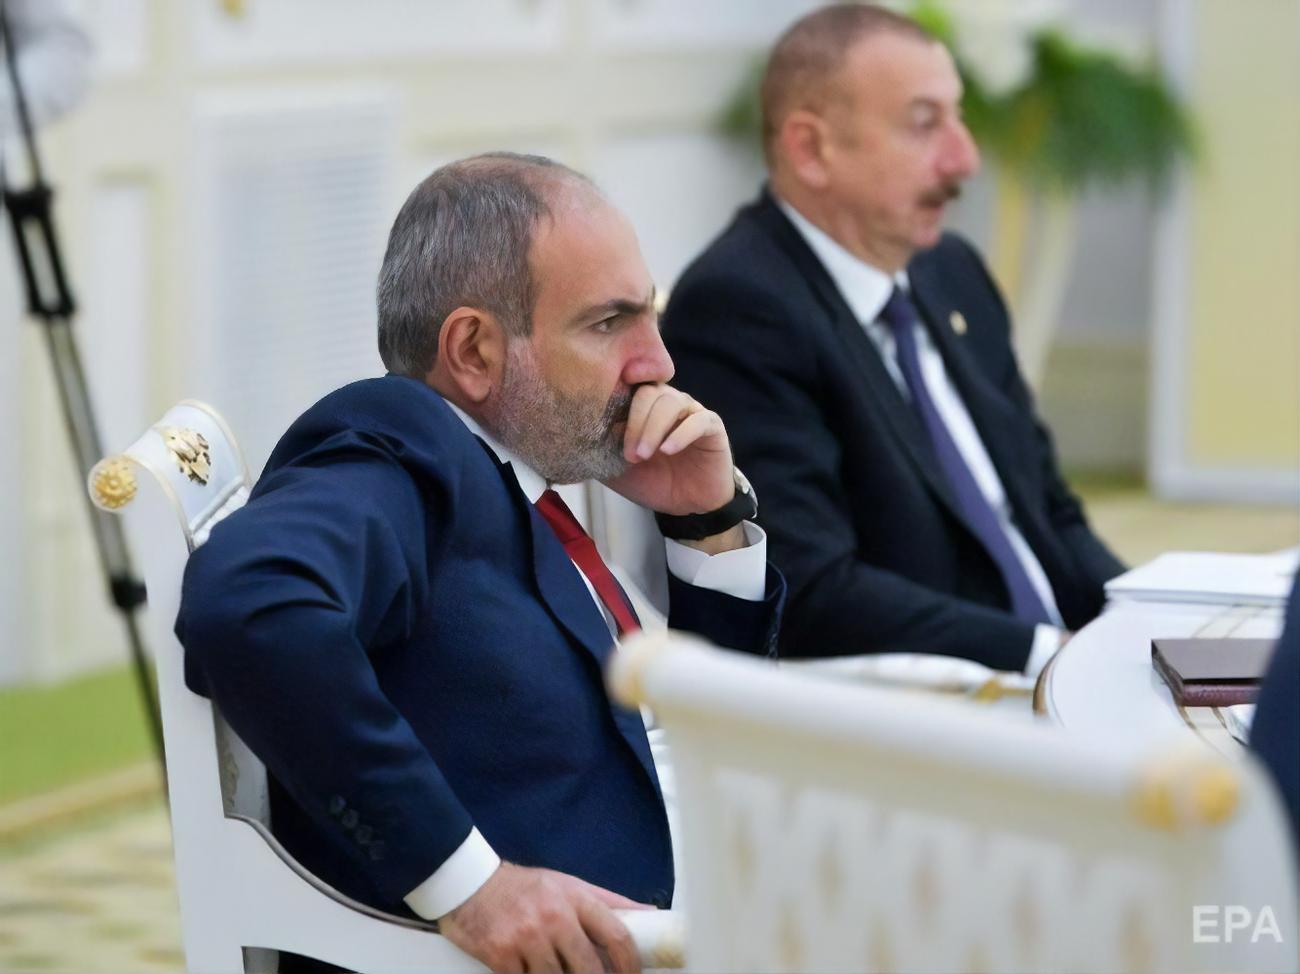 Пашинян пояснил, почему сдал позиции по Карабаху и кто на этом настоял